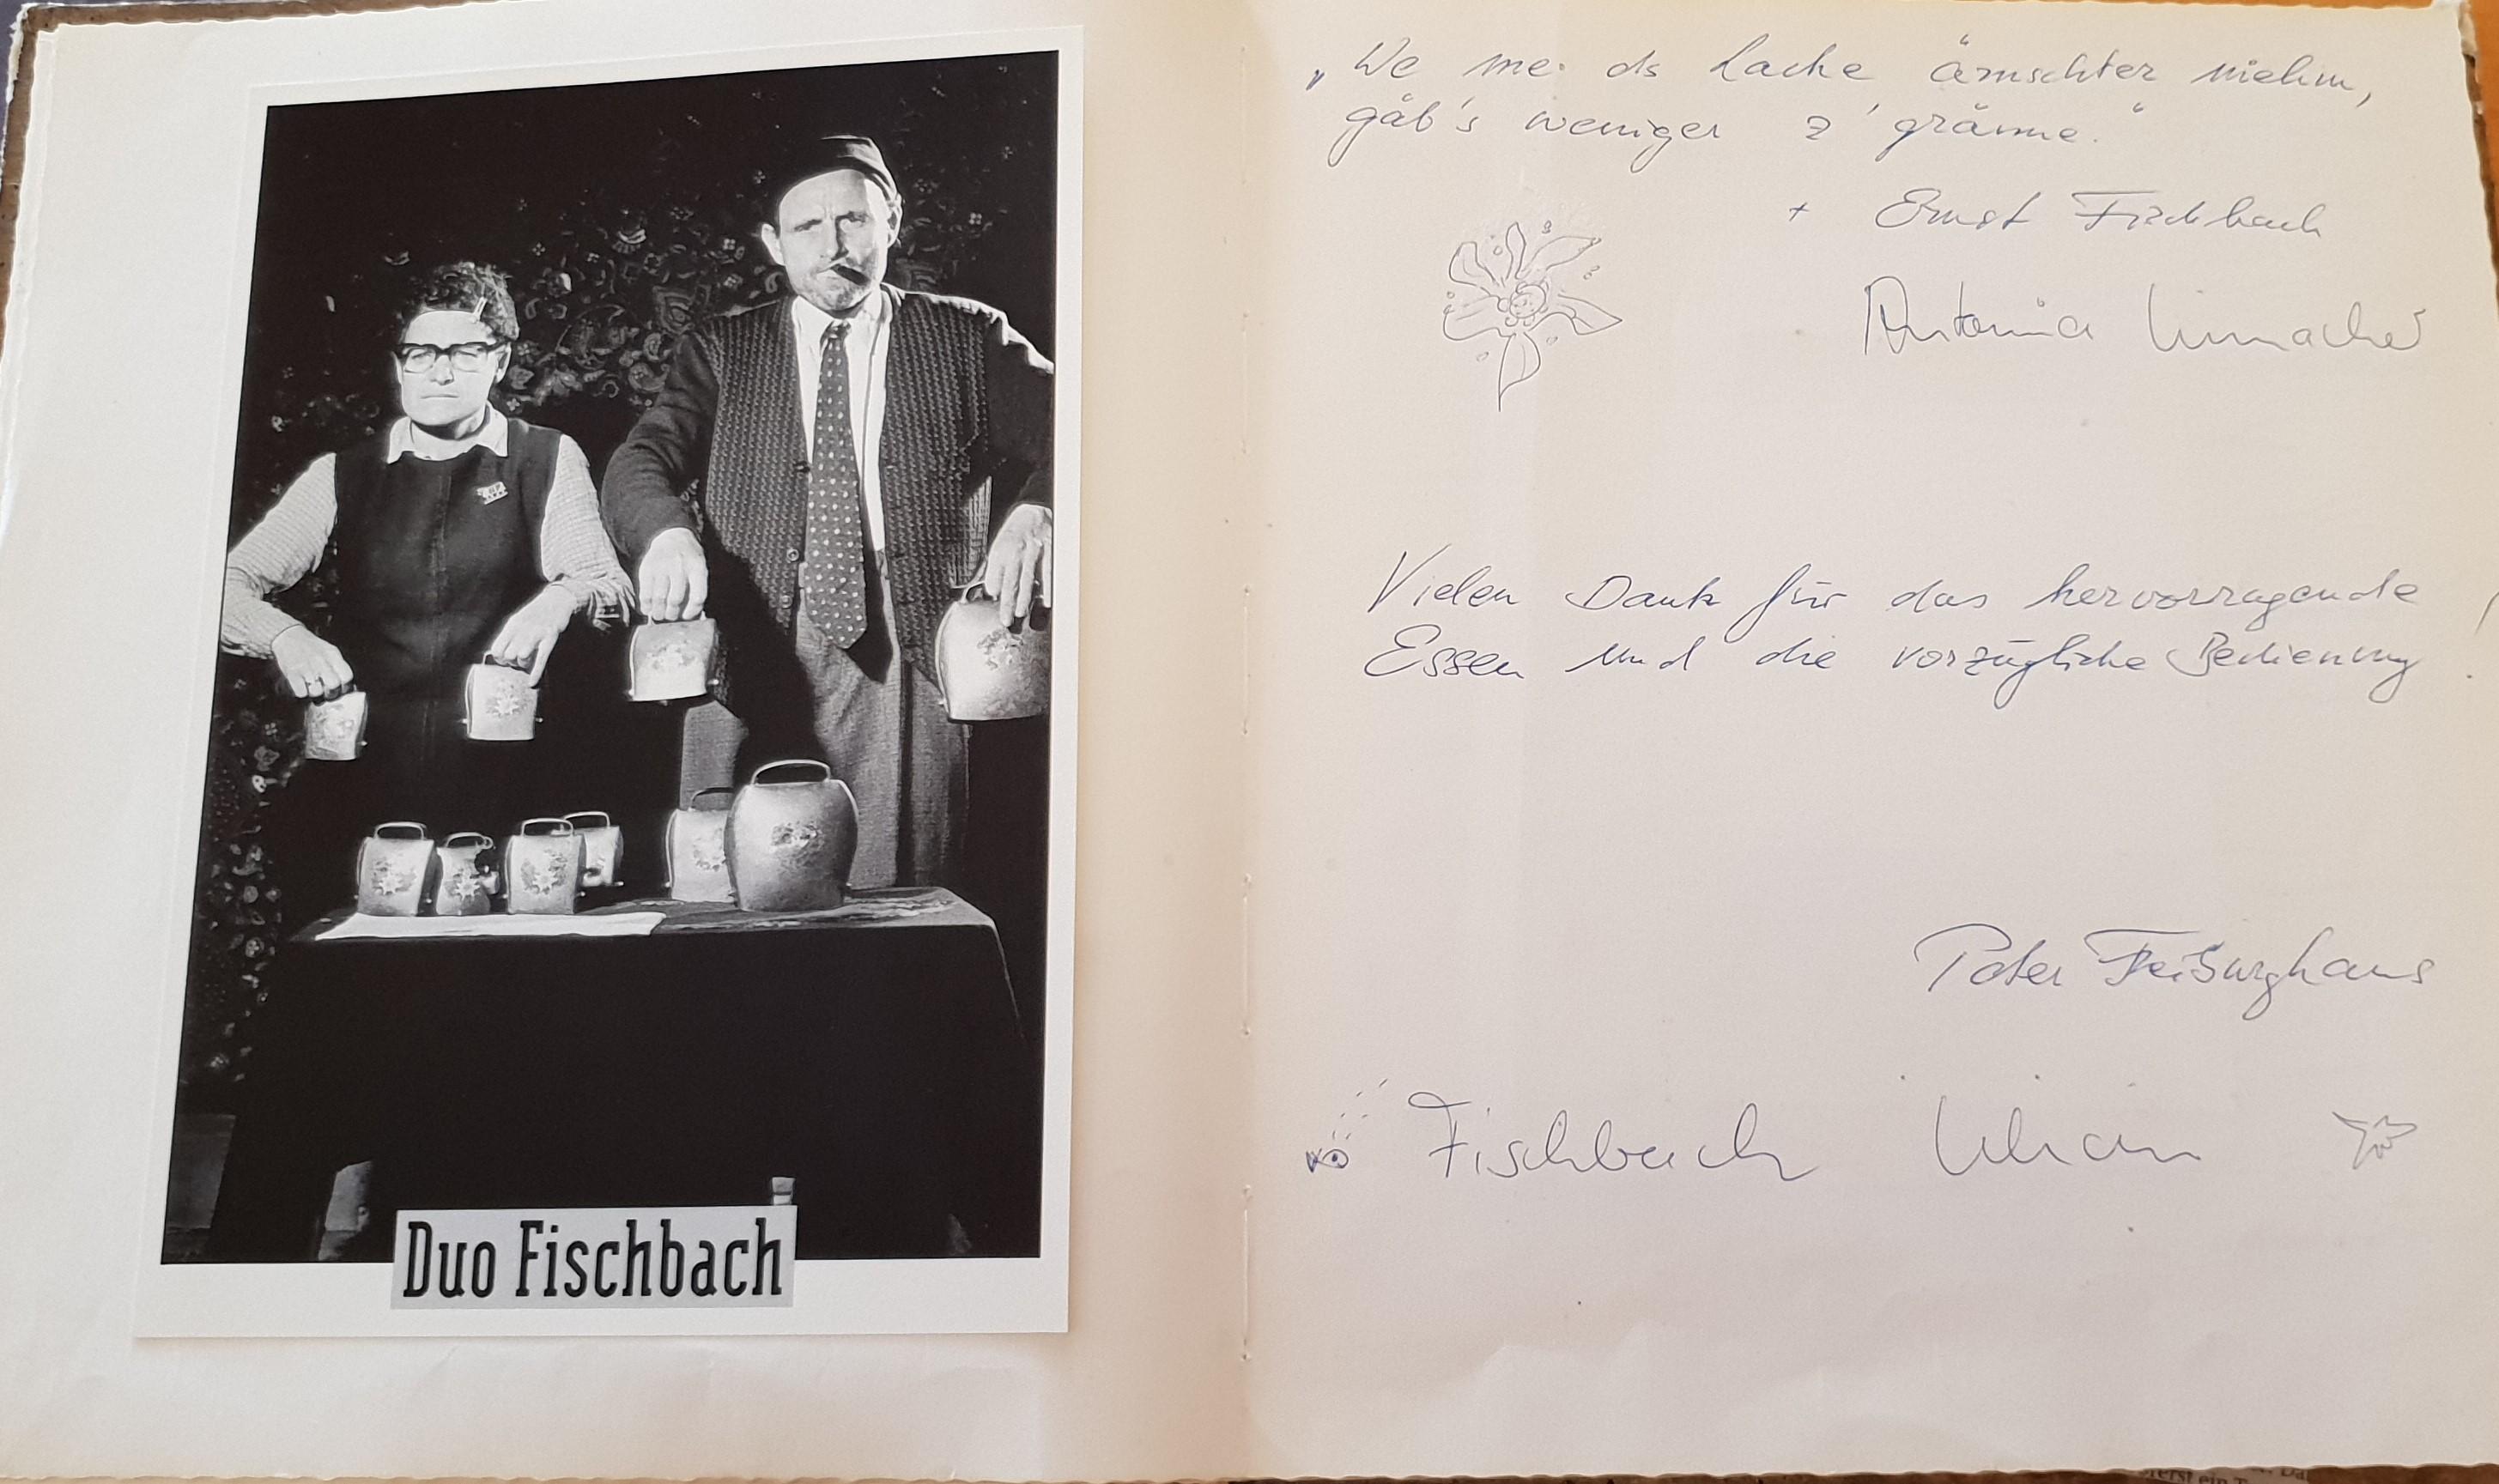 duo-fischbach.jpg